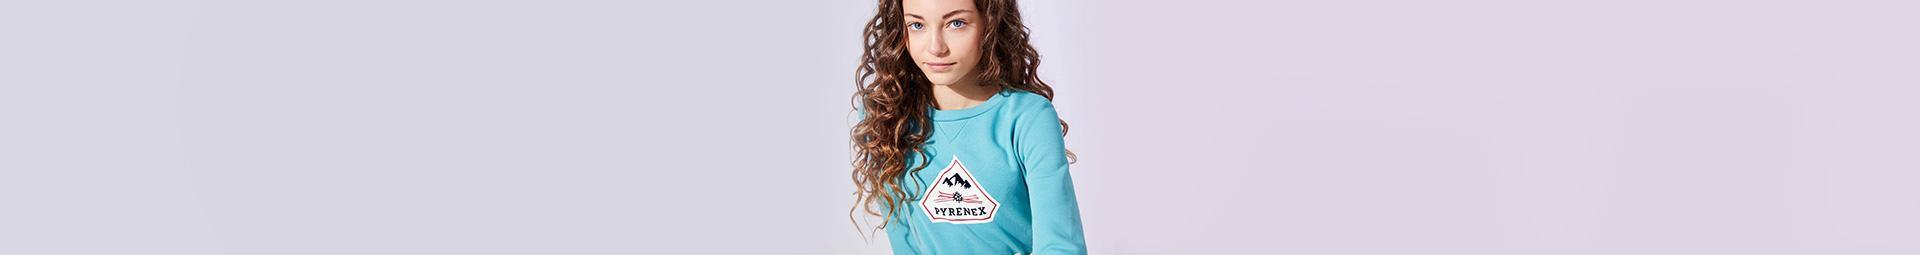 T-shirts et pullovers pour enfants de 8 à 16 ans | Pyrenex site officiel